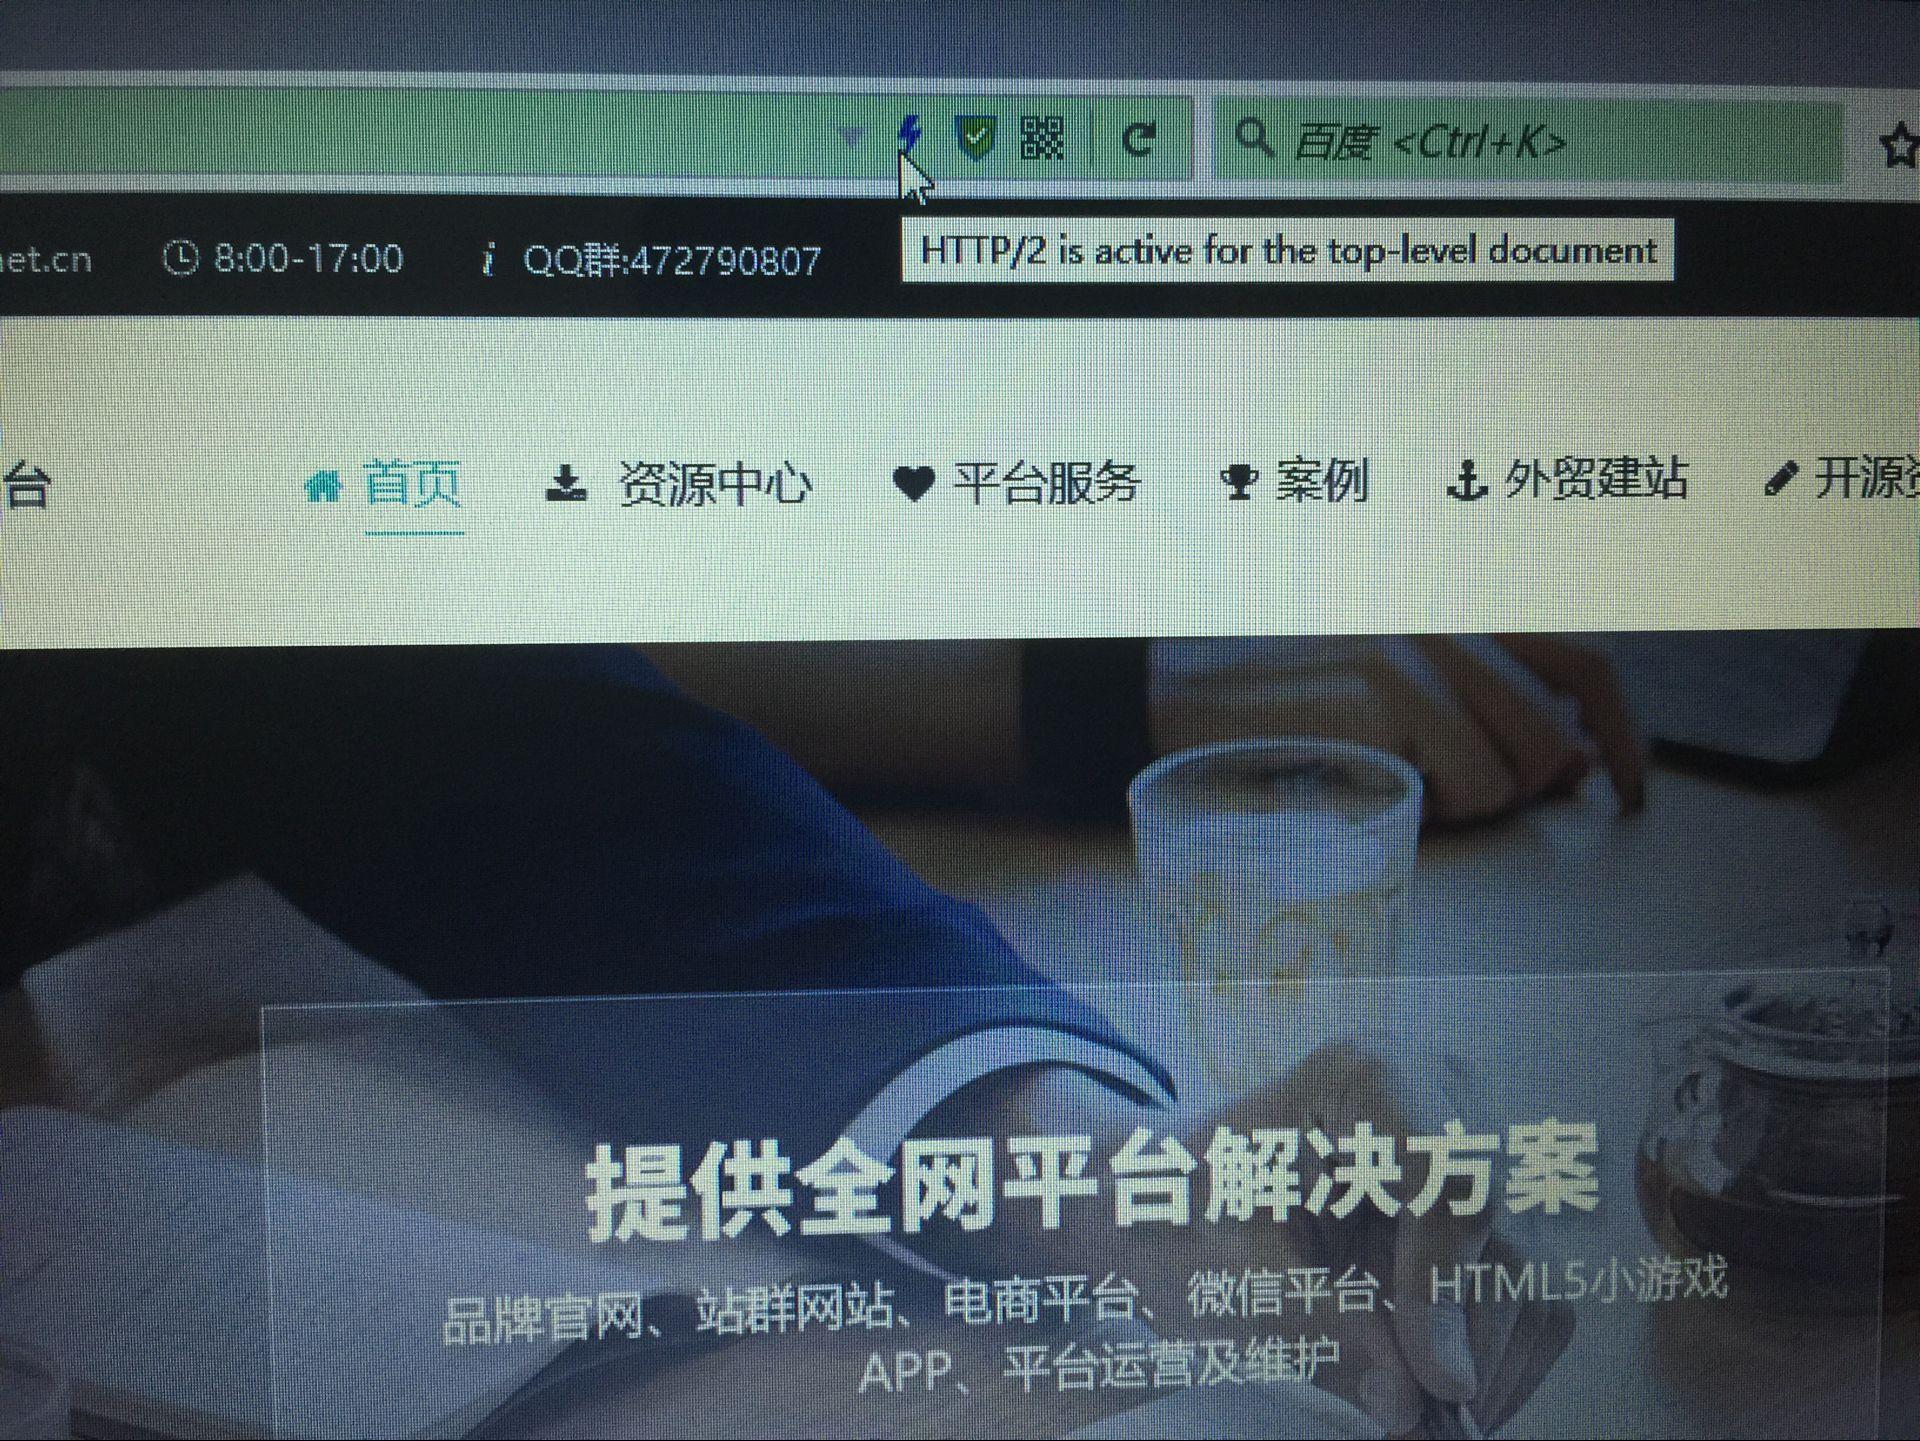 43242 如何查看https网站是否启用了HTTP/2或SPDY?